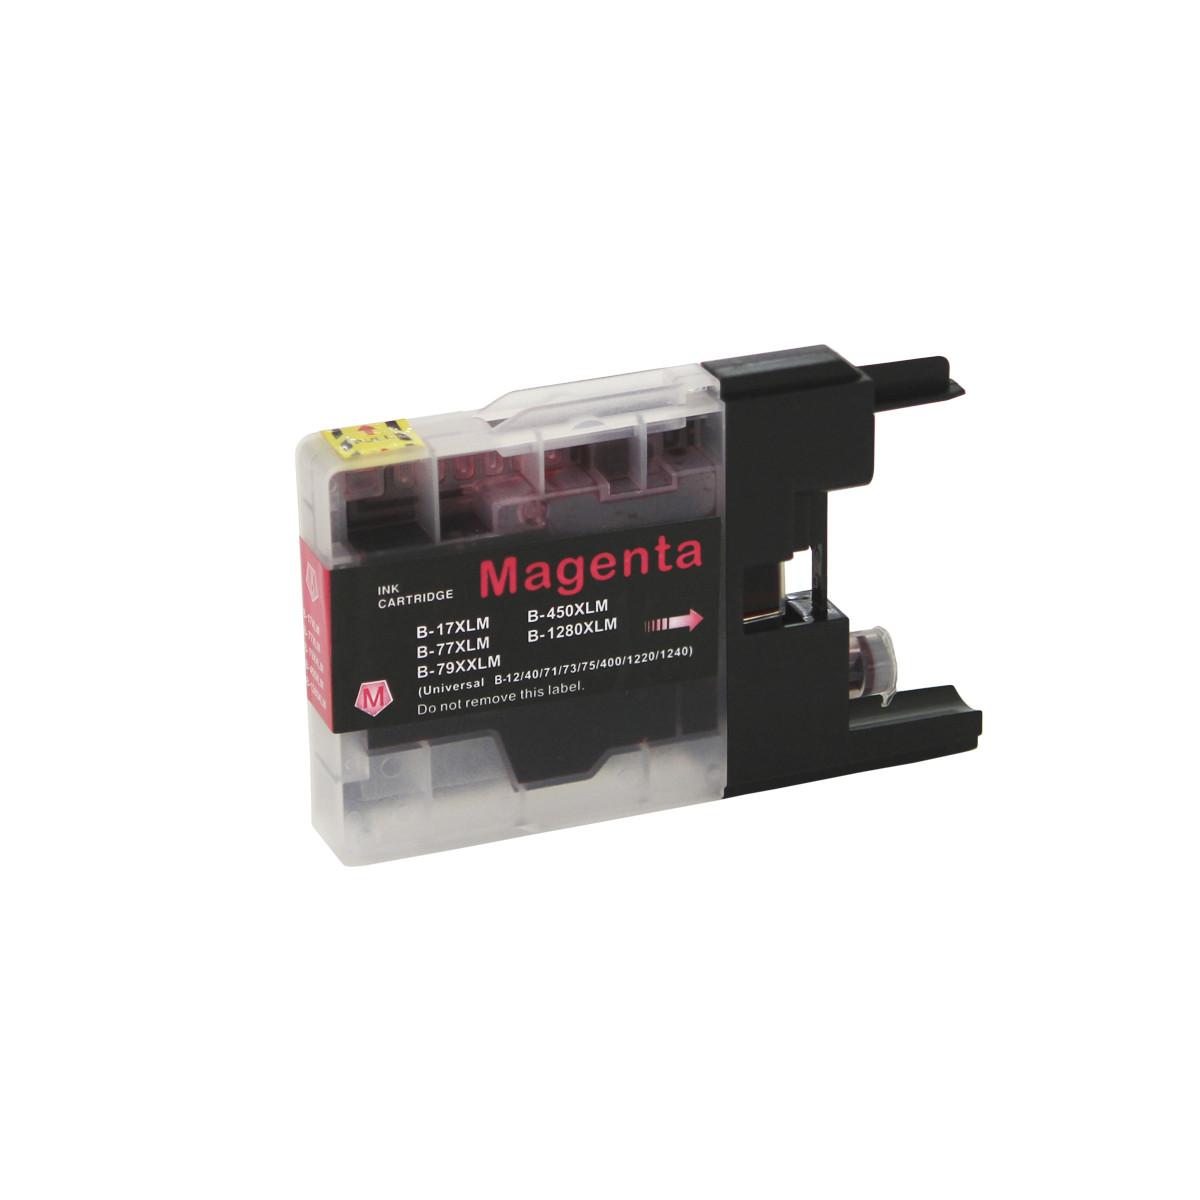 Cartucho de Tinta Compatível com Brother LC-75M LC-79M Magenta   MFC-J6910DW J430W MFC-J6710DW   4ml